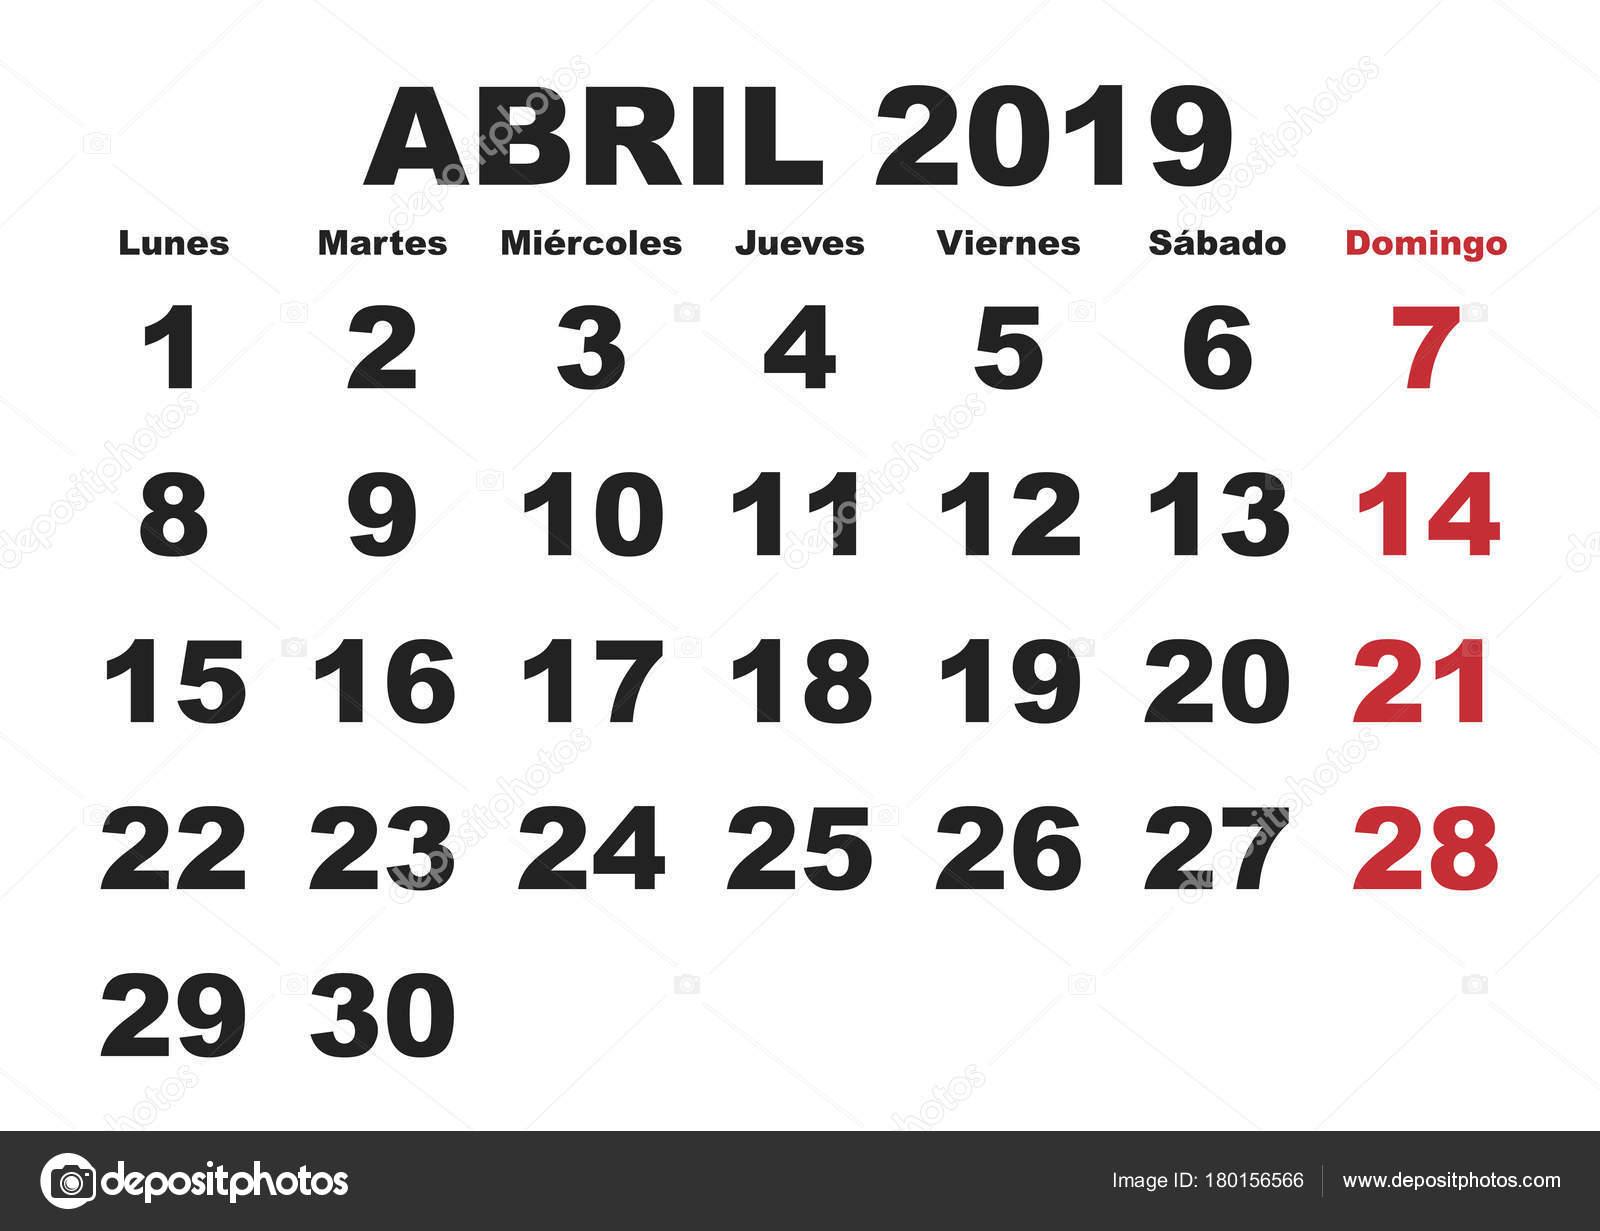 Calendario en vivo para opciones binarias durante 5 minutos